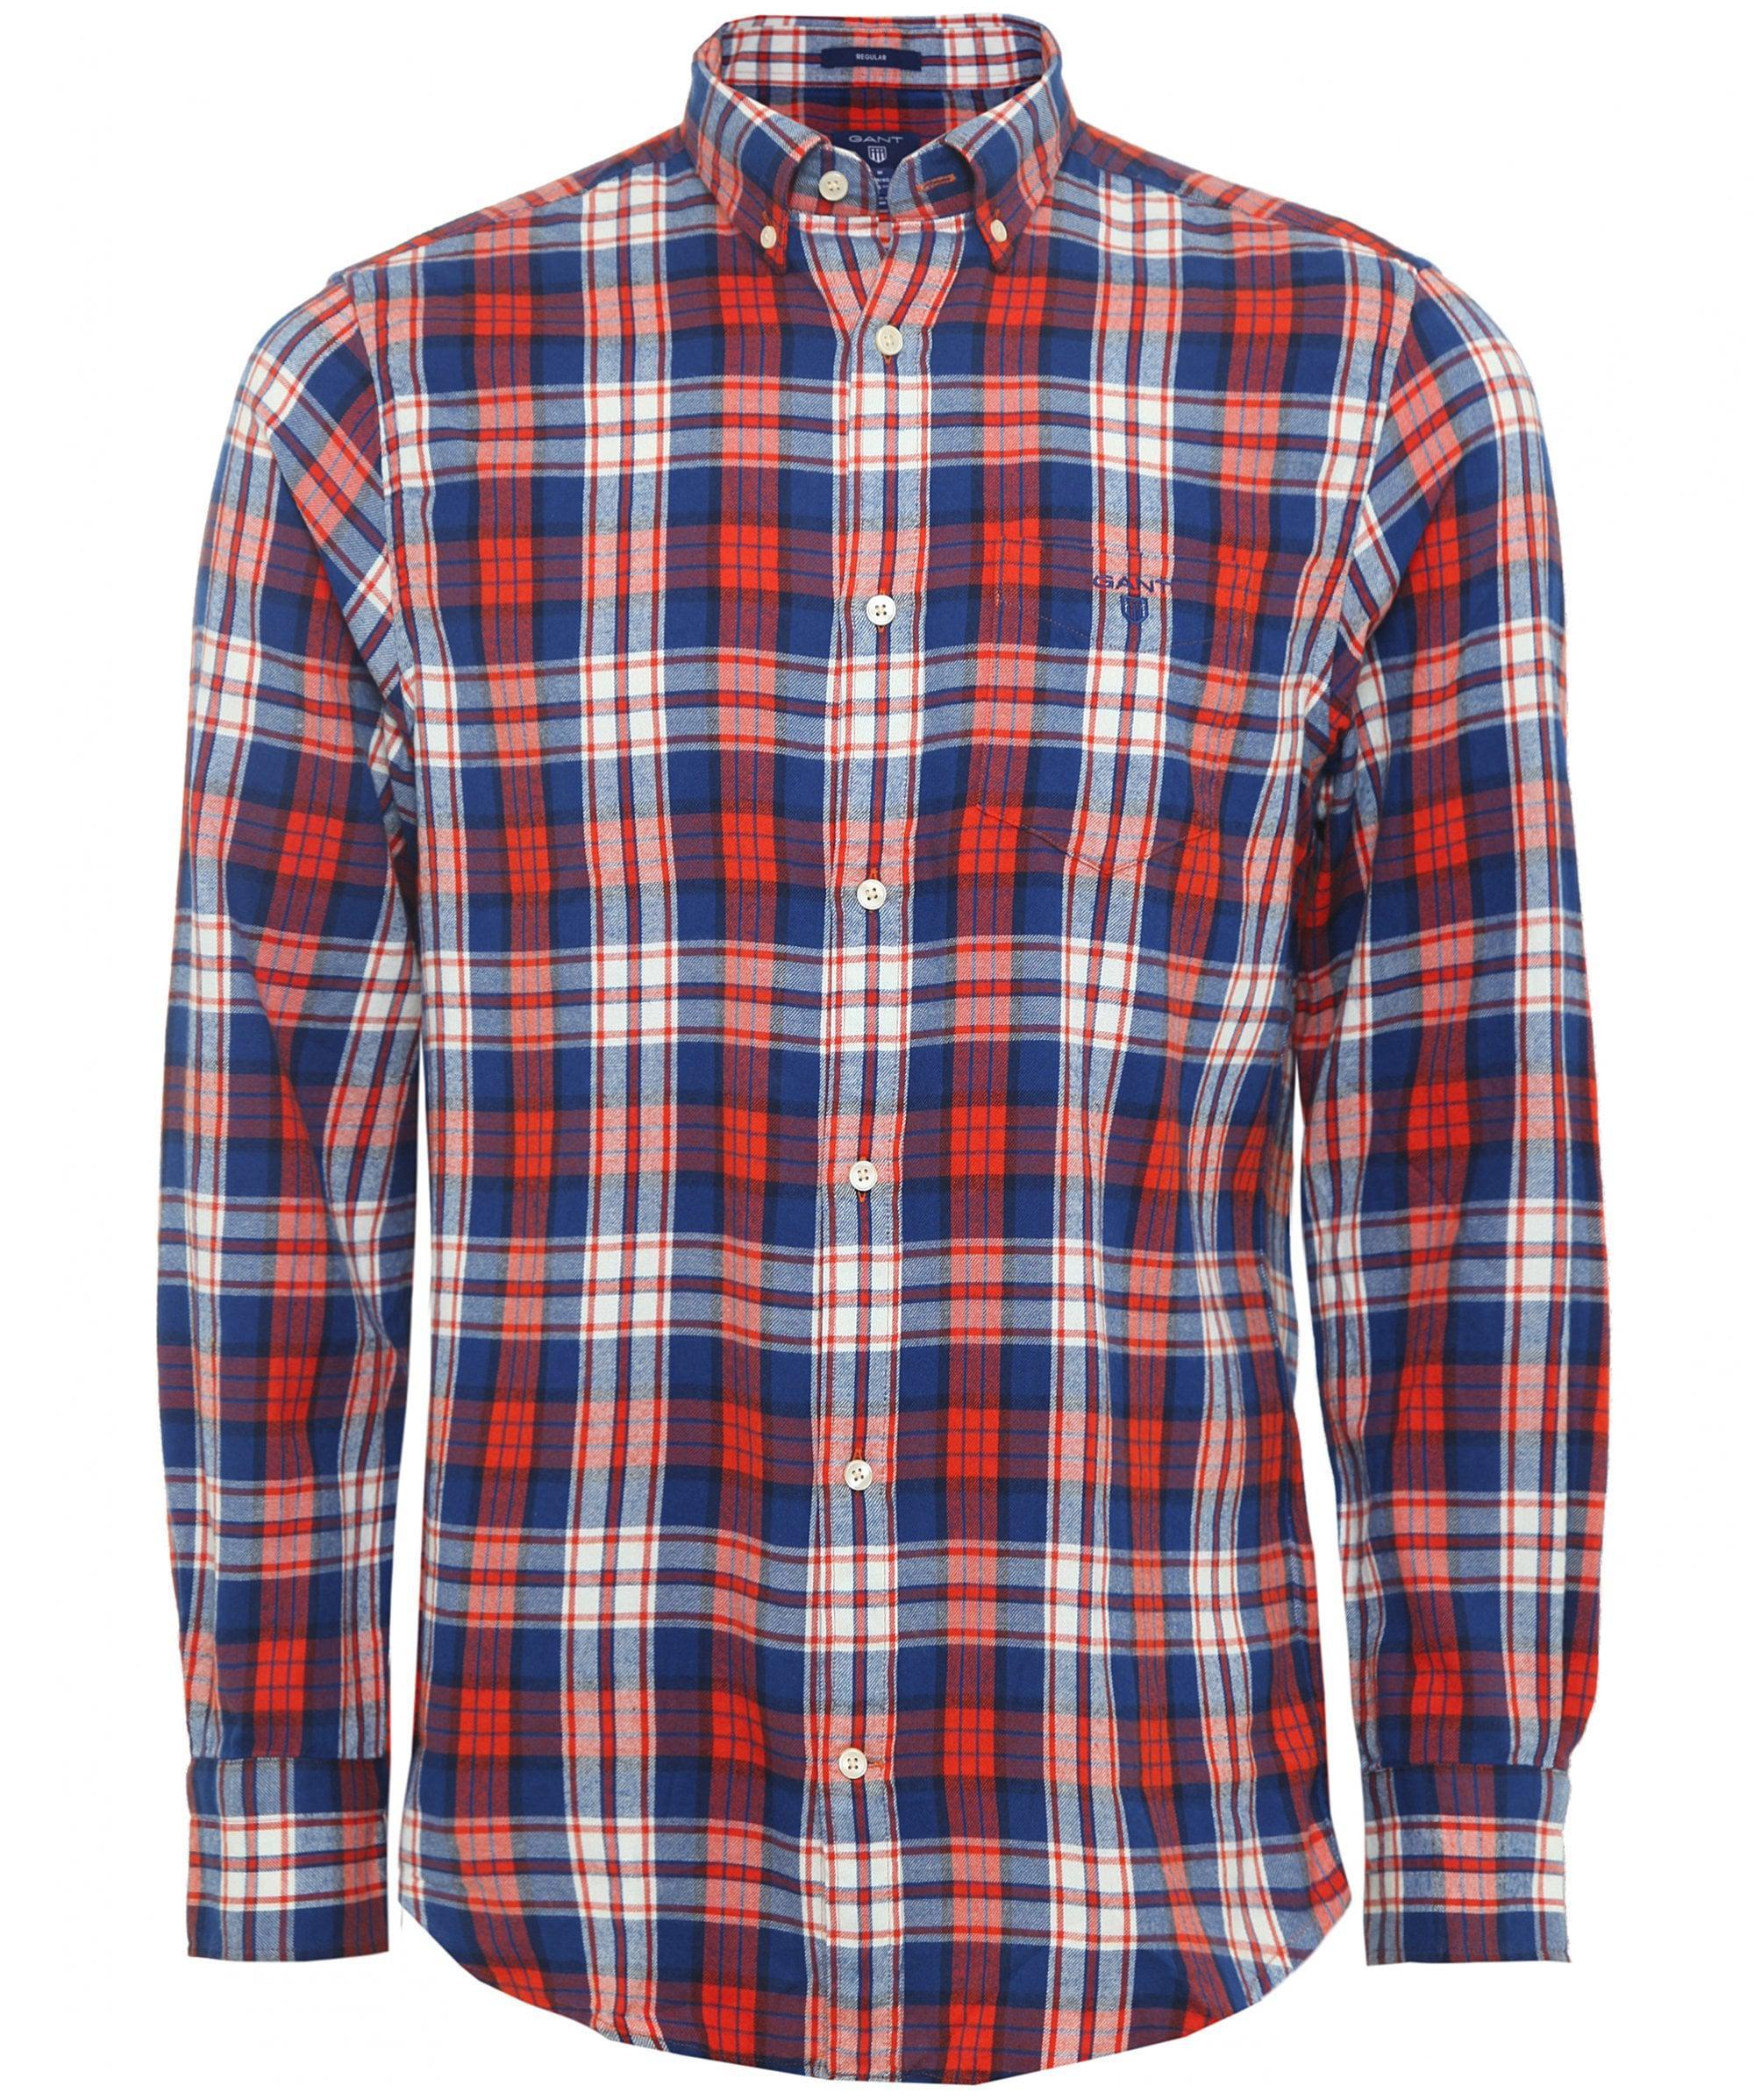 ff55d097af Lyst gant regular fit flannel plaid check shirt in blue for men jpg  2000x2395 Gant brushed